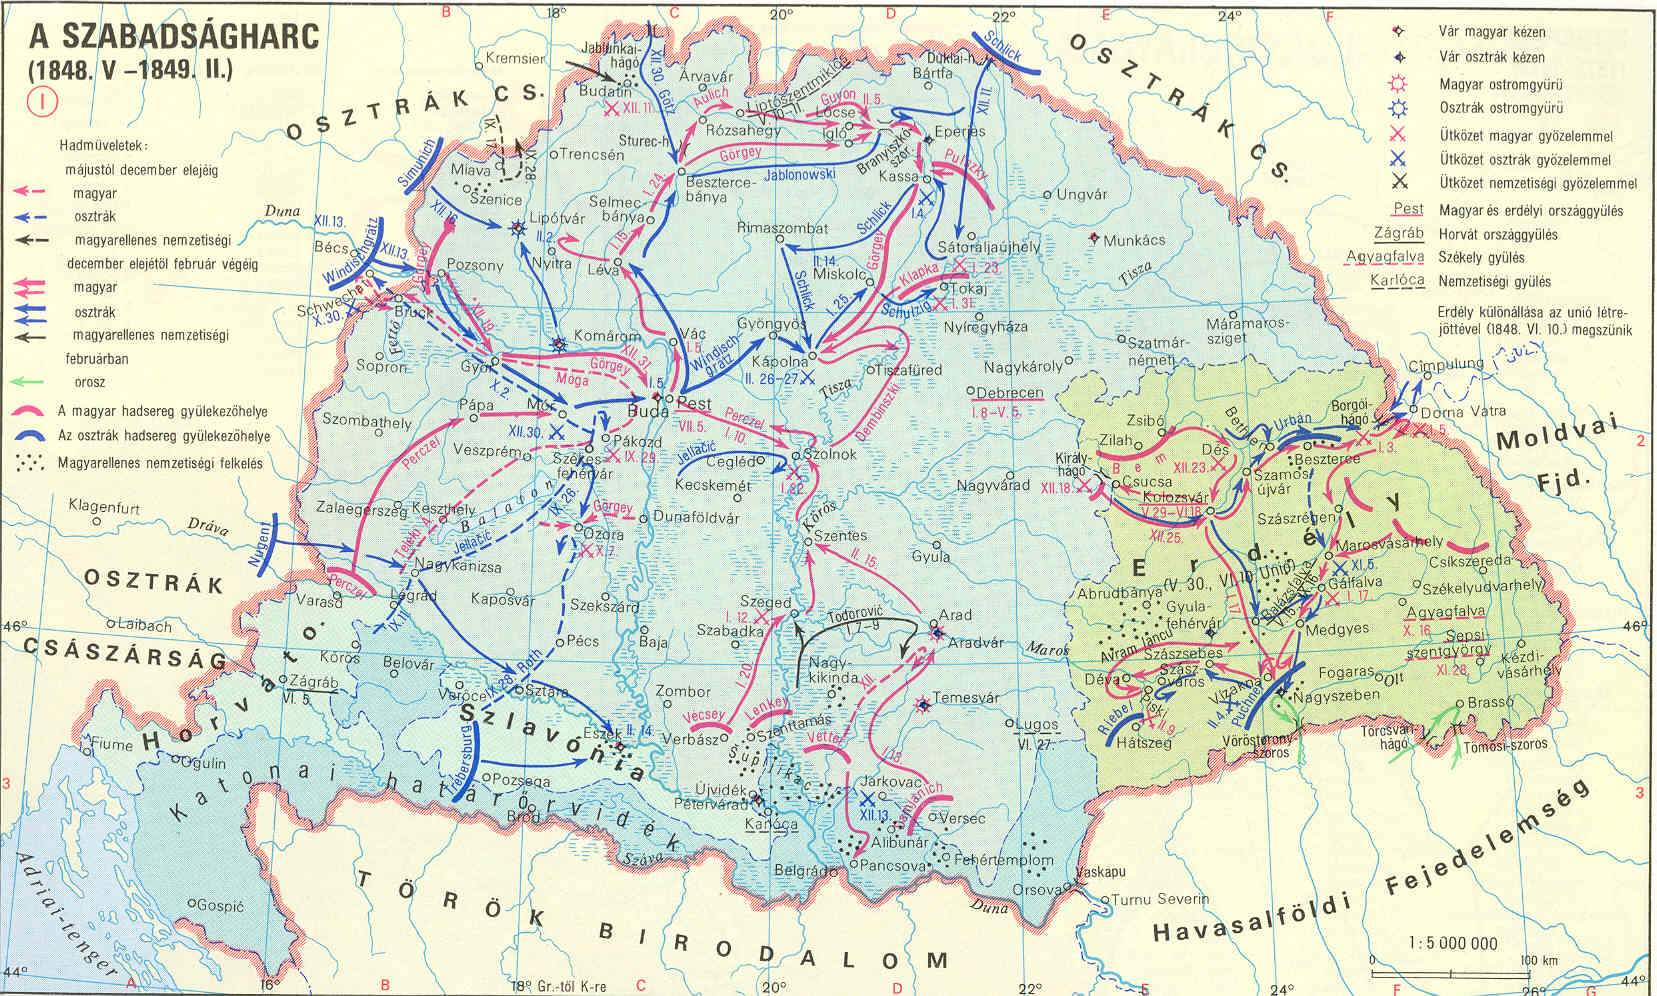 1848 magyarország térkép Kuruc.info   A Habsburg Birodalom és Magyarország 1848 ban 1848 magyarország térkép